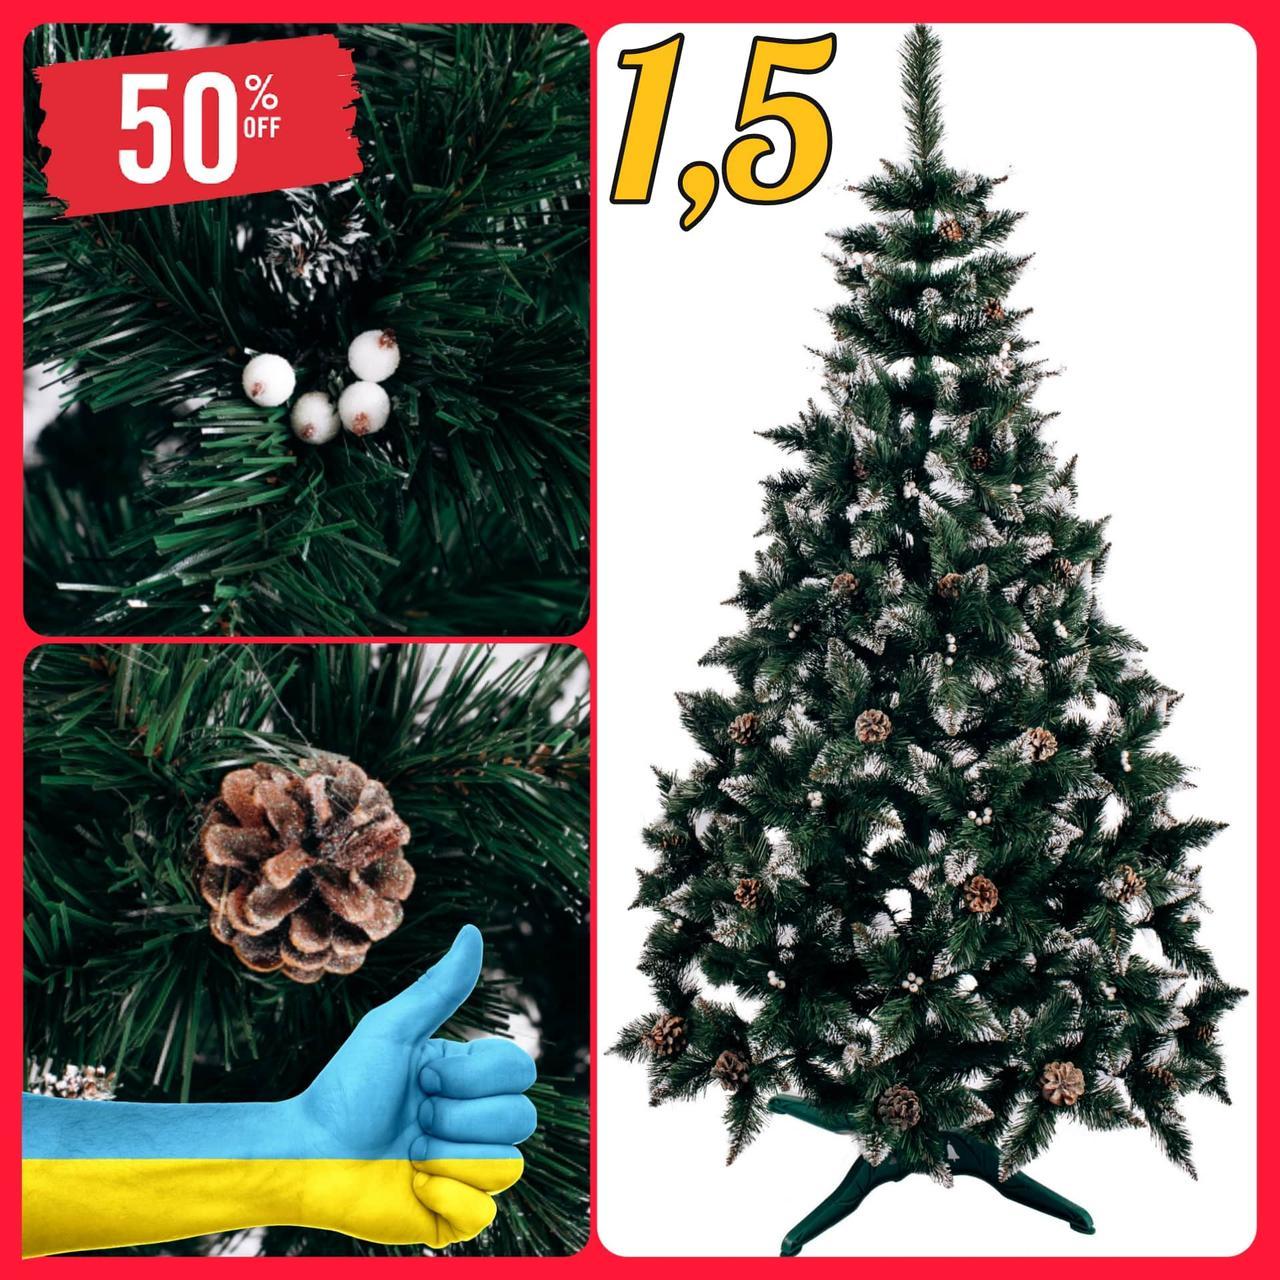 Пышная новогодняя искусственная элитная елка 1,5 м с шишками и калиной, искусственные ели и сосны с напылением